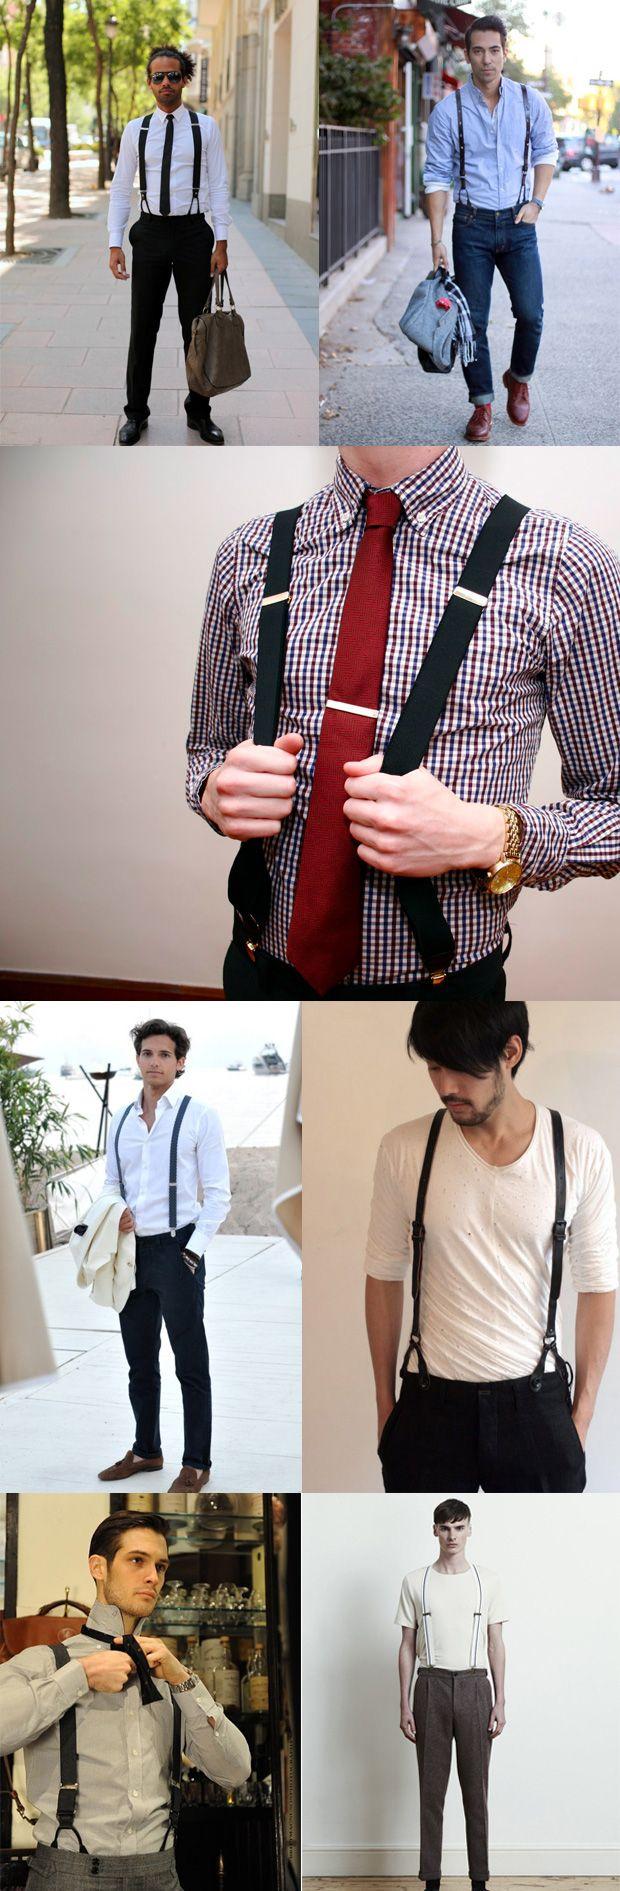 Mens Braces / Suspenders Lookbook